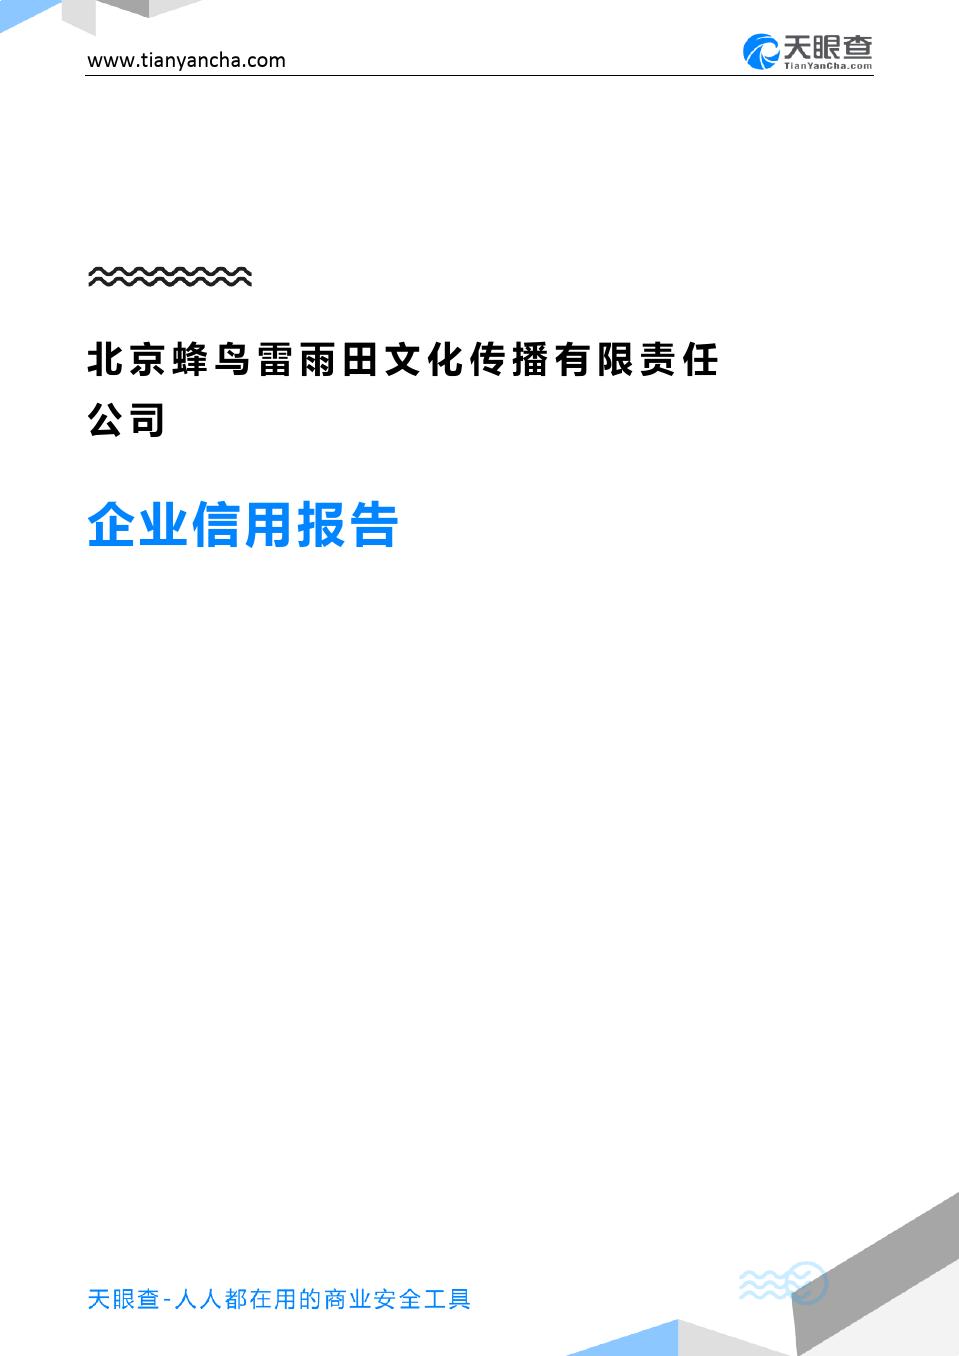 北京蜂鸟雷雨田文化传播有限责任公司企业信用报告-天眼查